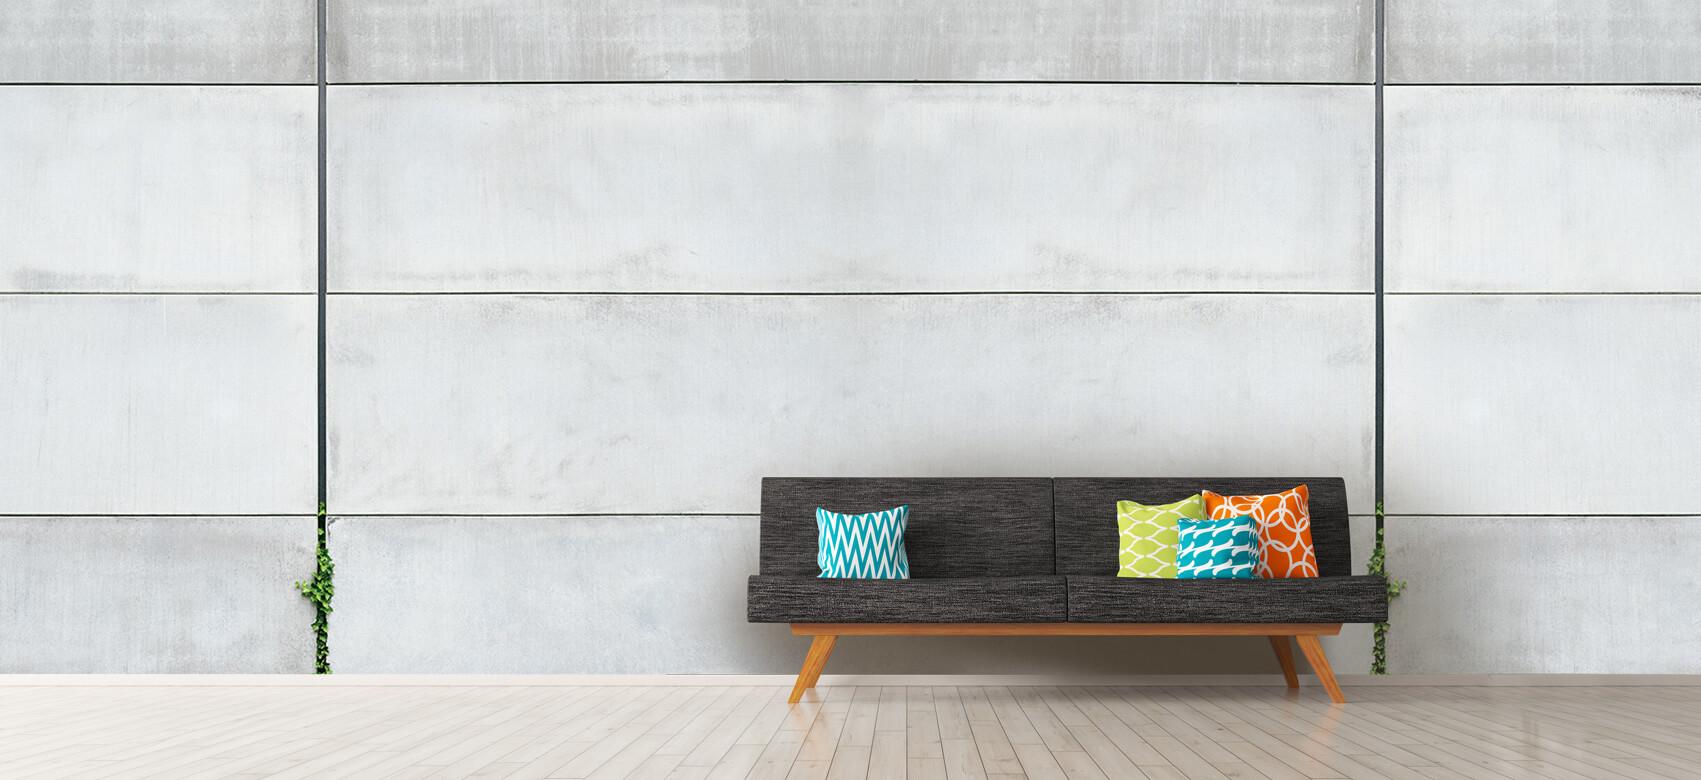 Betonlook behang - Panorama betonnen muur - Wallexclusive - Ontvangstruimte 1